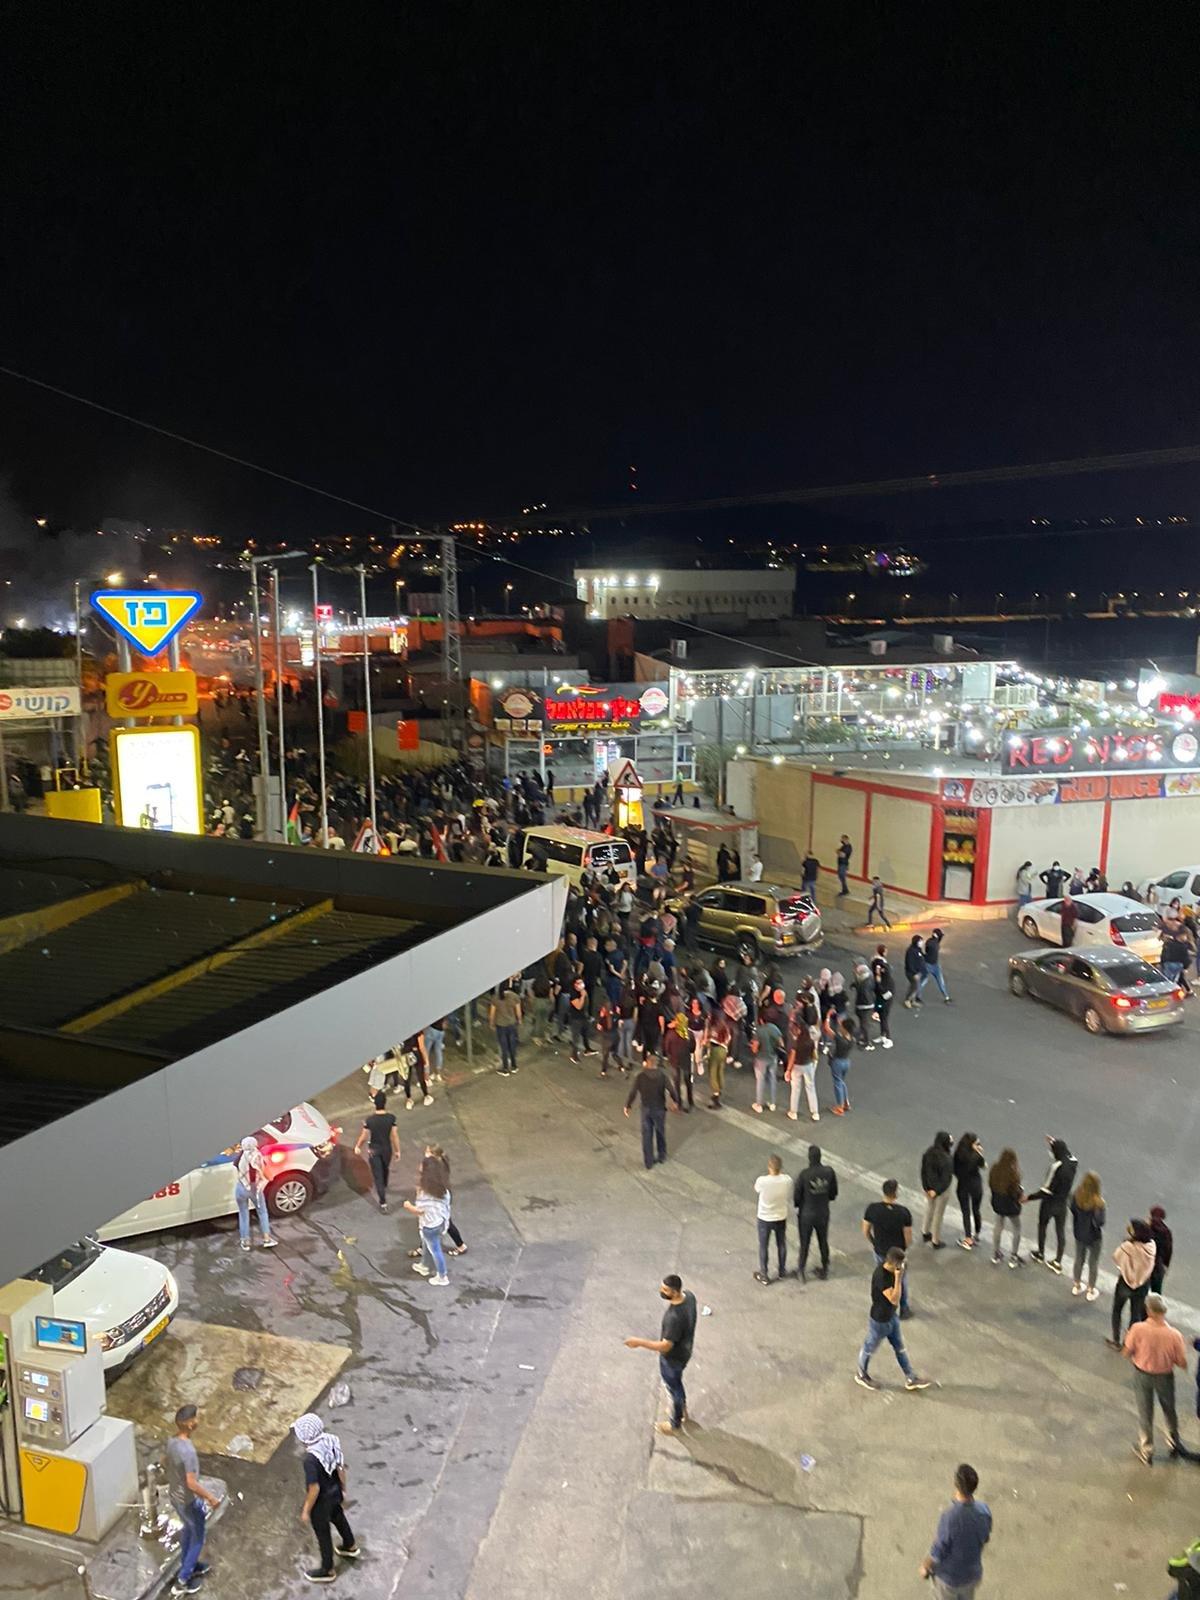 تابعوا الأخبار من مختلف البلدات: مظاهرات حاشدة، اليكم الملخص والصور-10